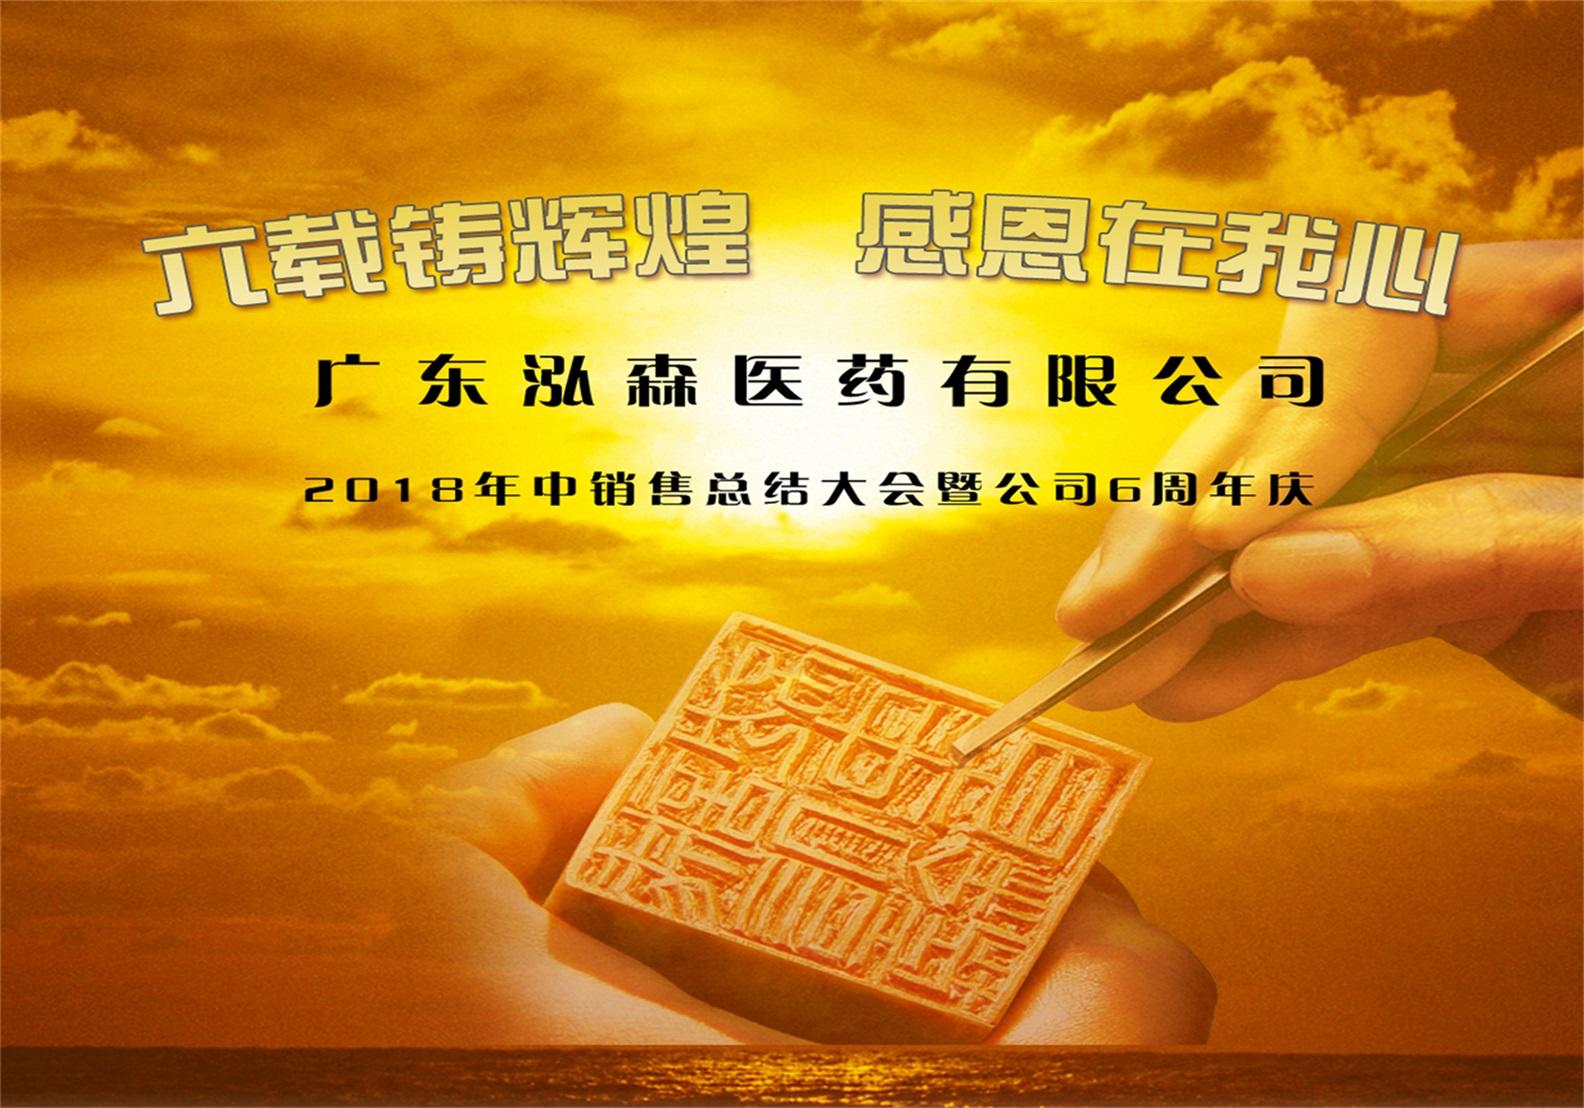 2018年年中销售总结大会暨公司6周年庆!